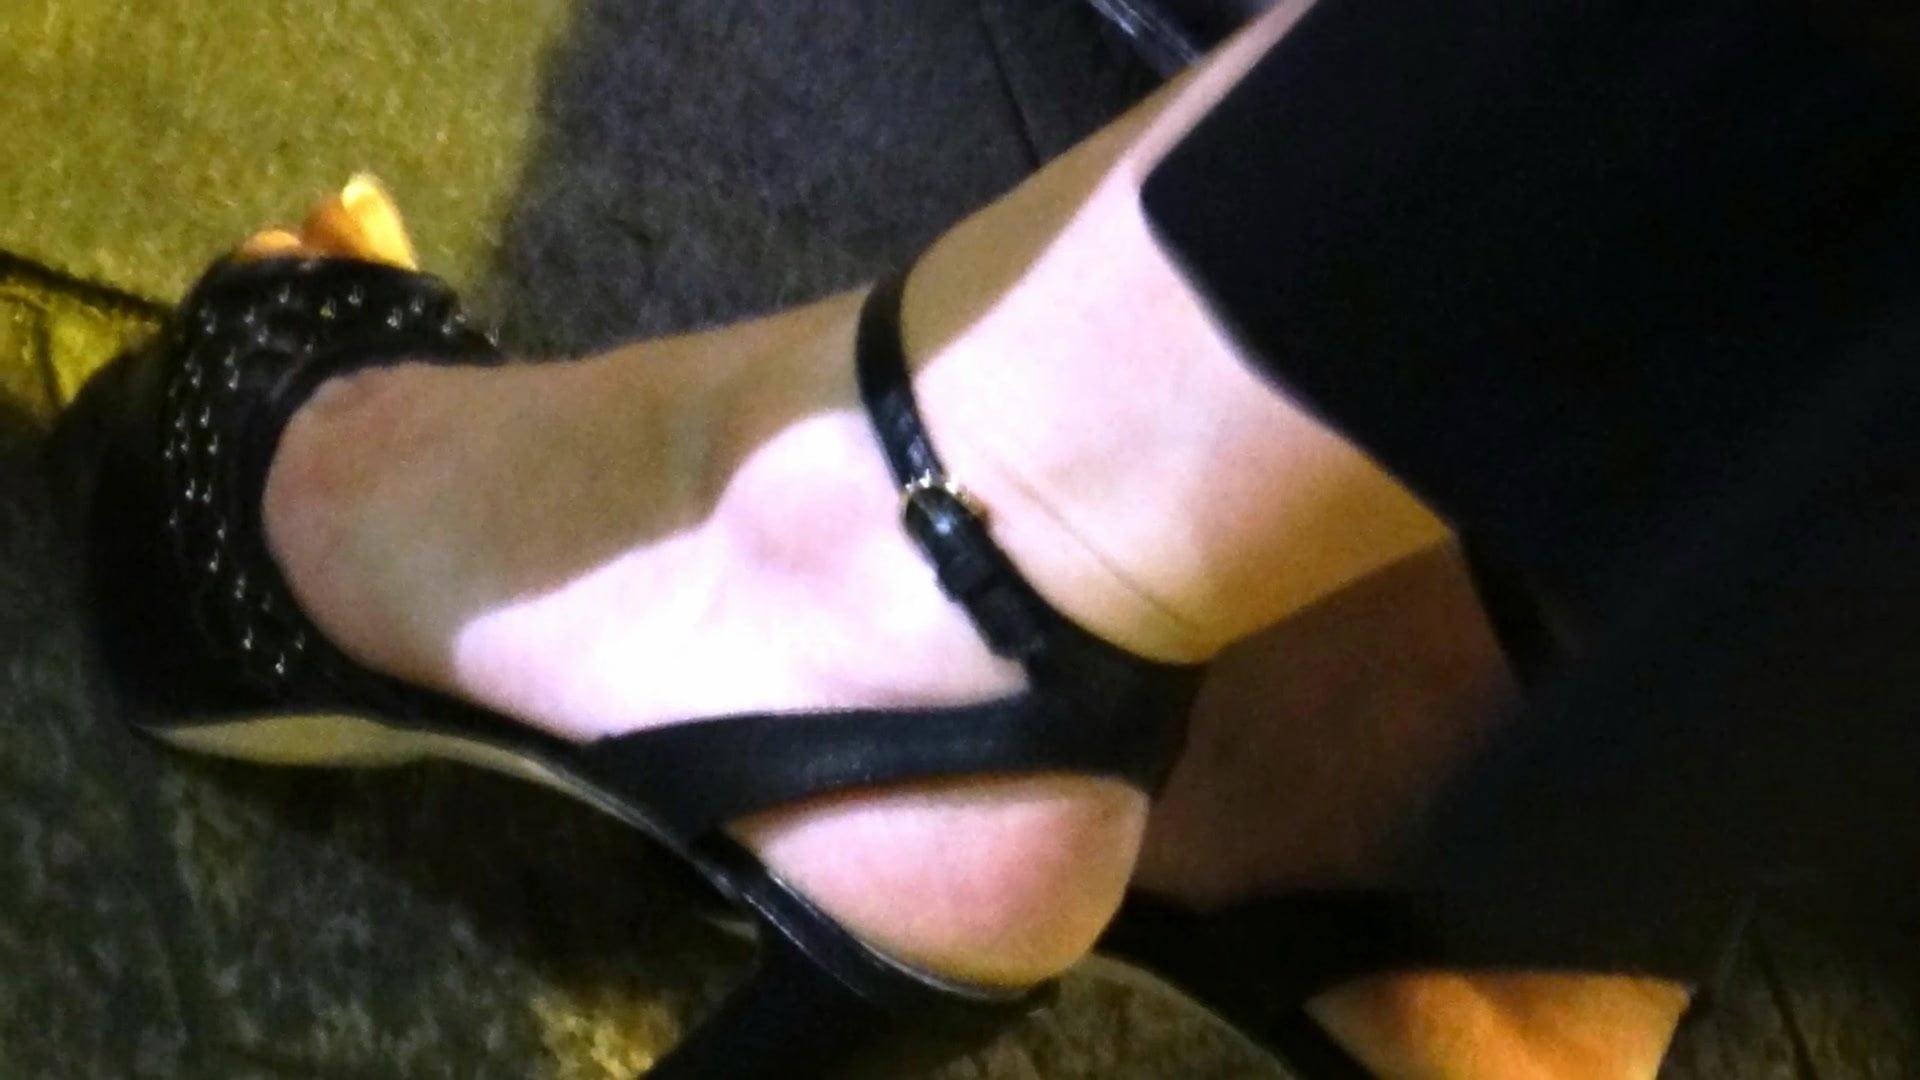 Hot Brunette High Heels